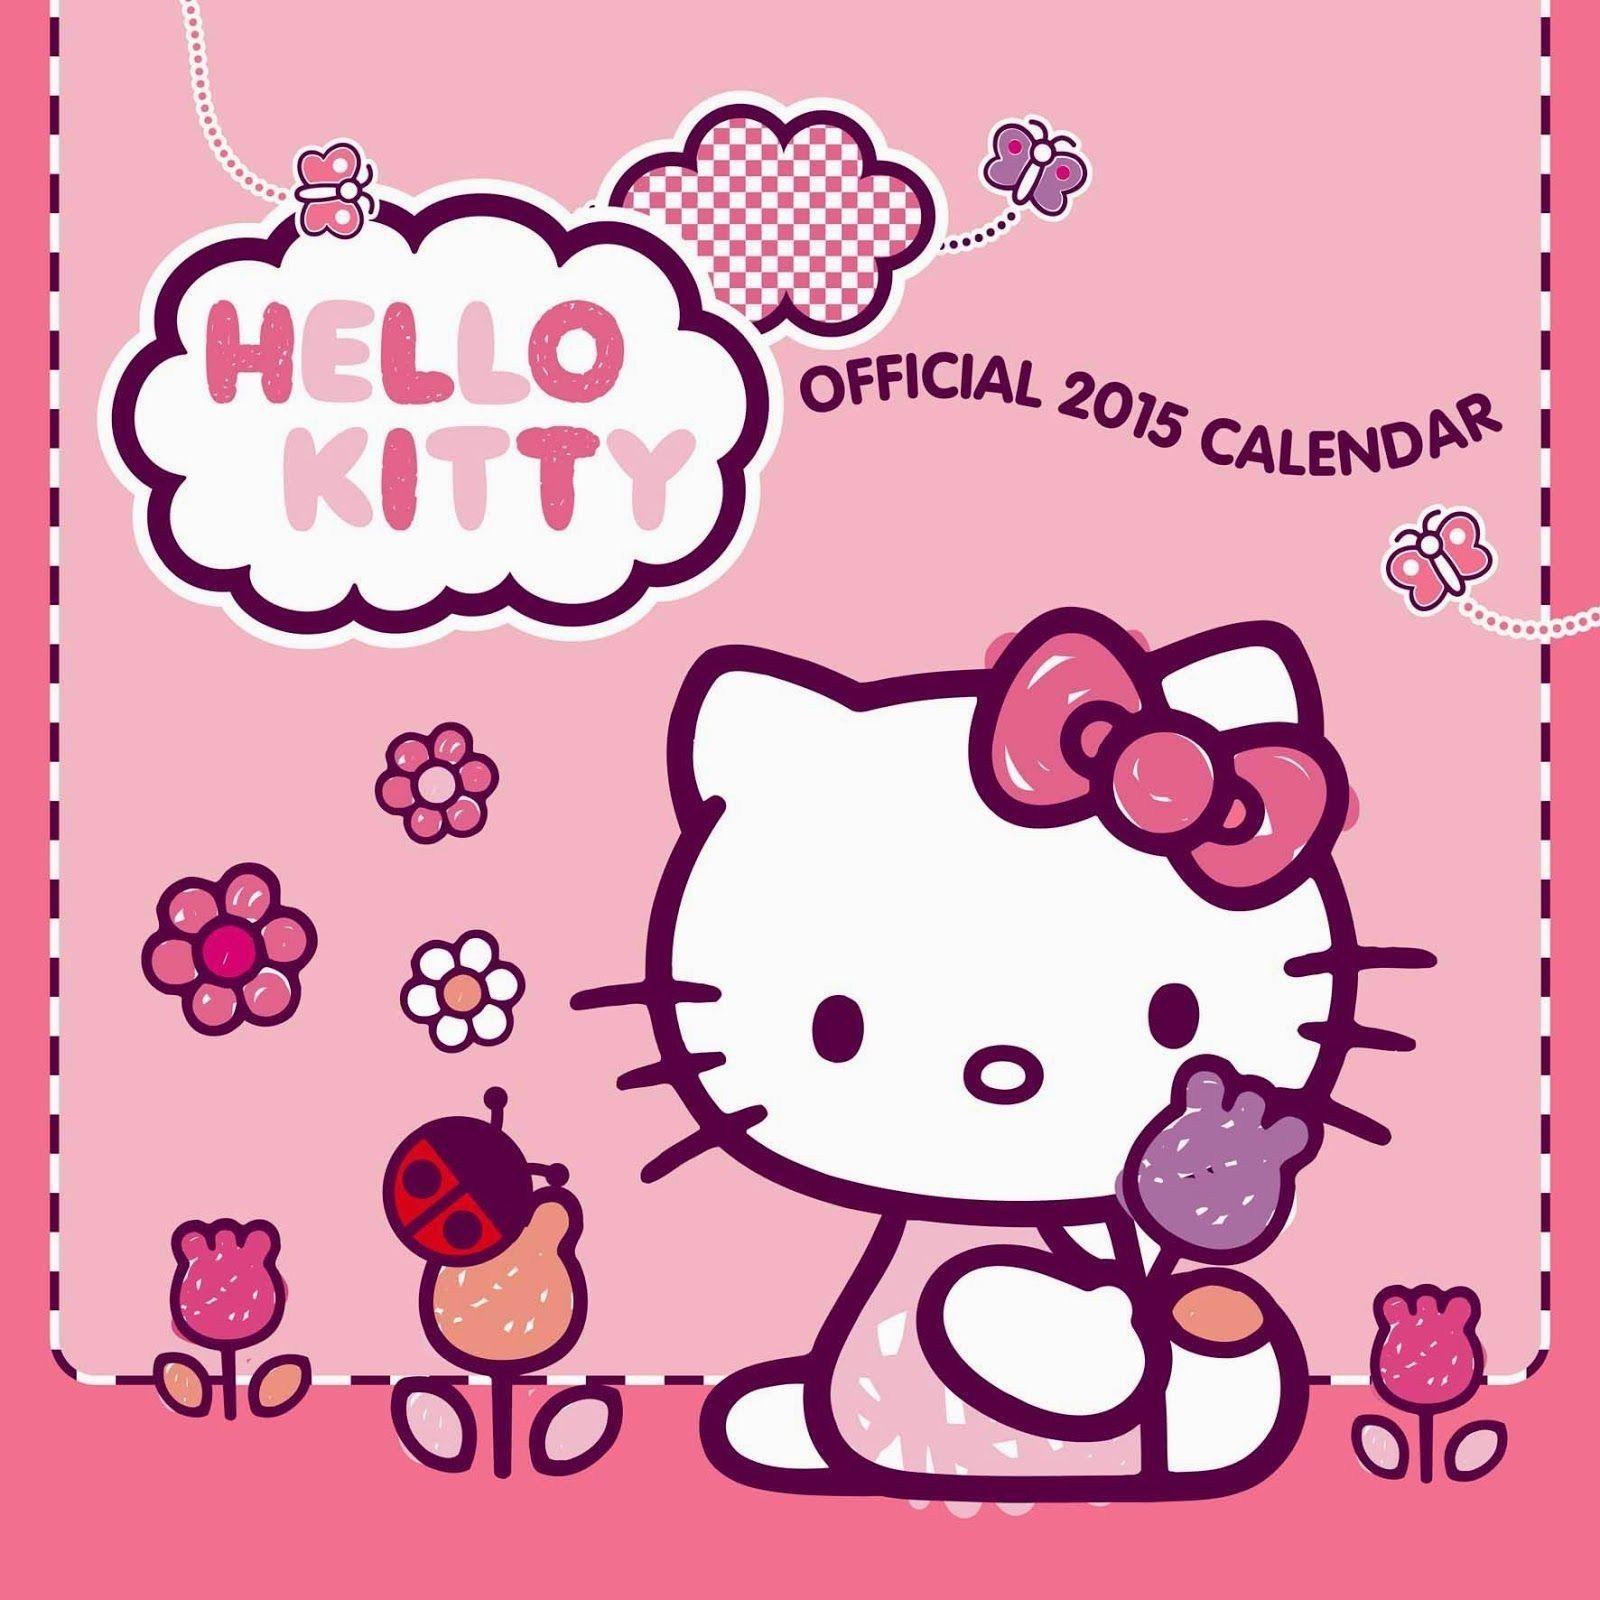 Wallpaper Hello Kitty Untuk Ponsel Android 35 Gambar